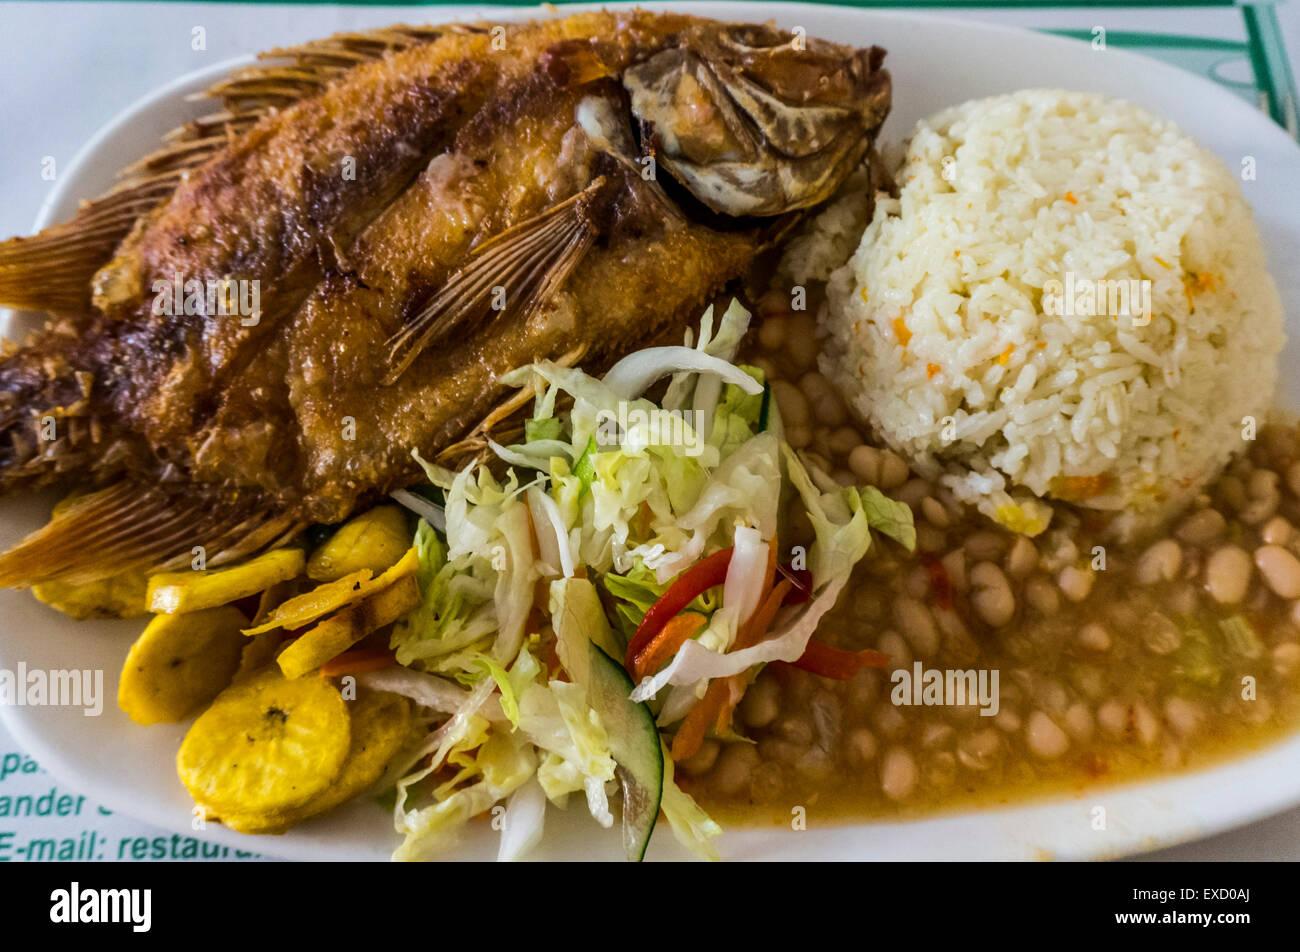 Eine typische Mahlzeit gebratener Fisch und Kokosnuss-Reis in der karibischen Küstenregion Kolumbiens. Stockbild